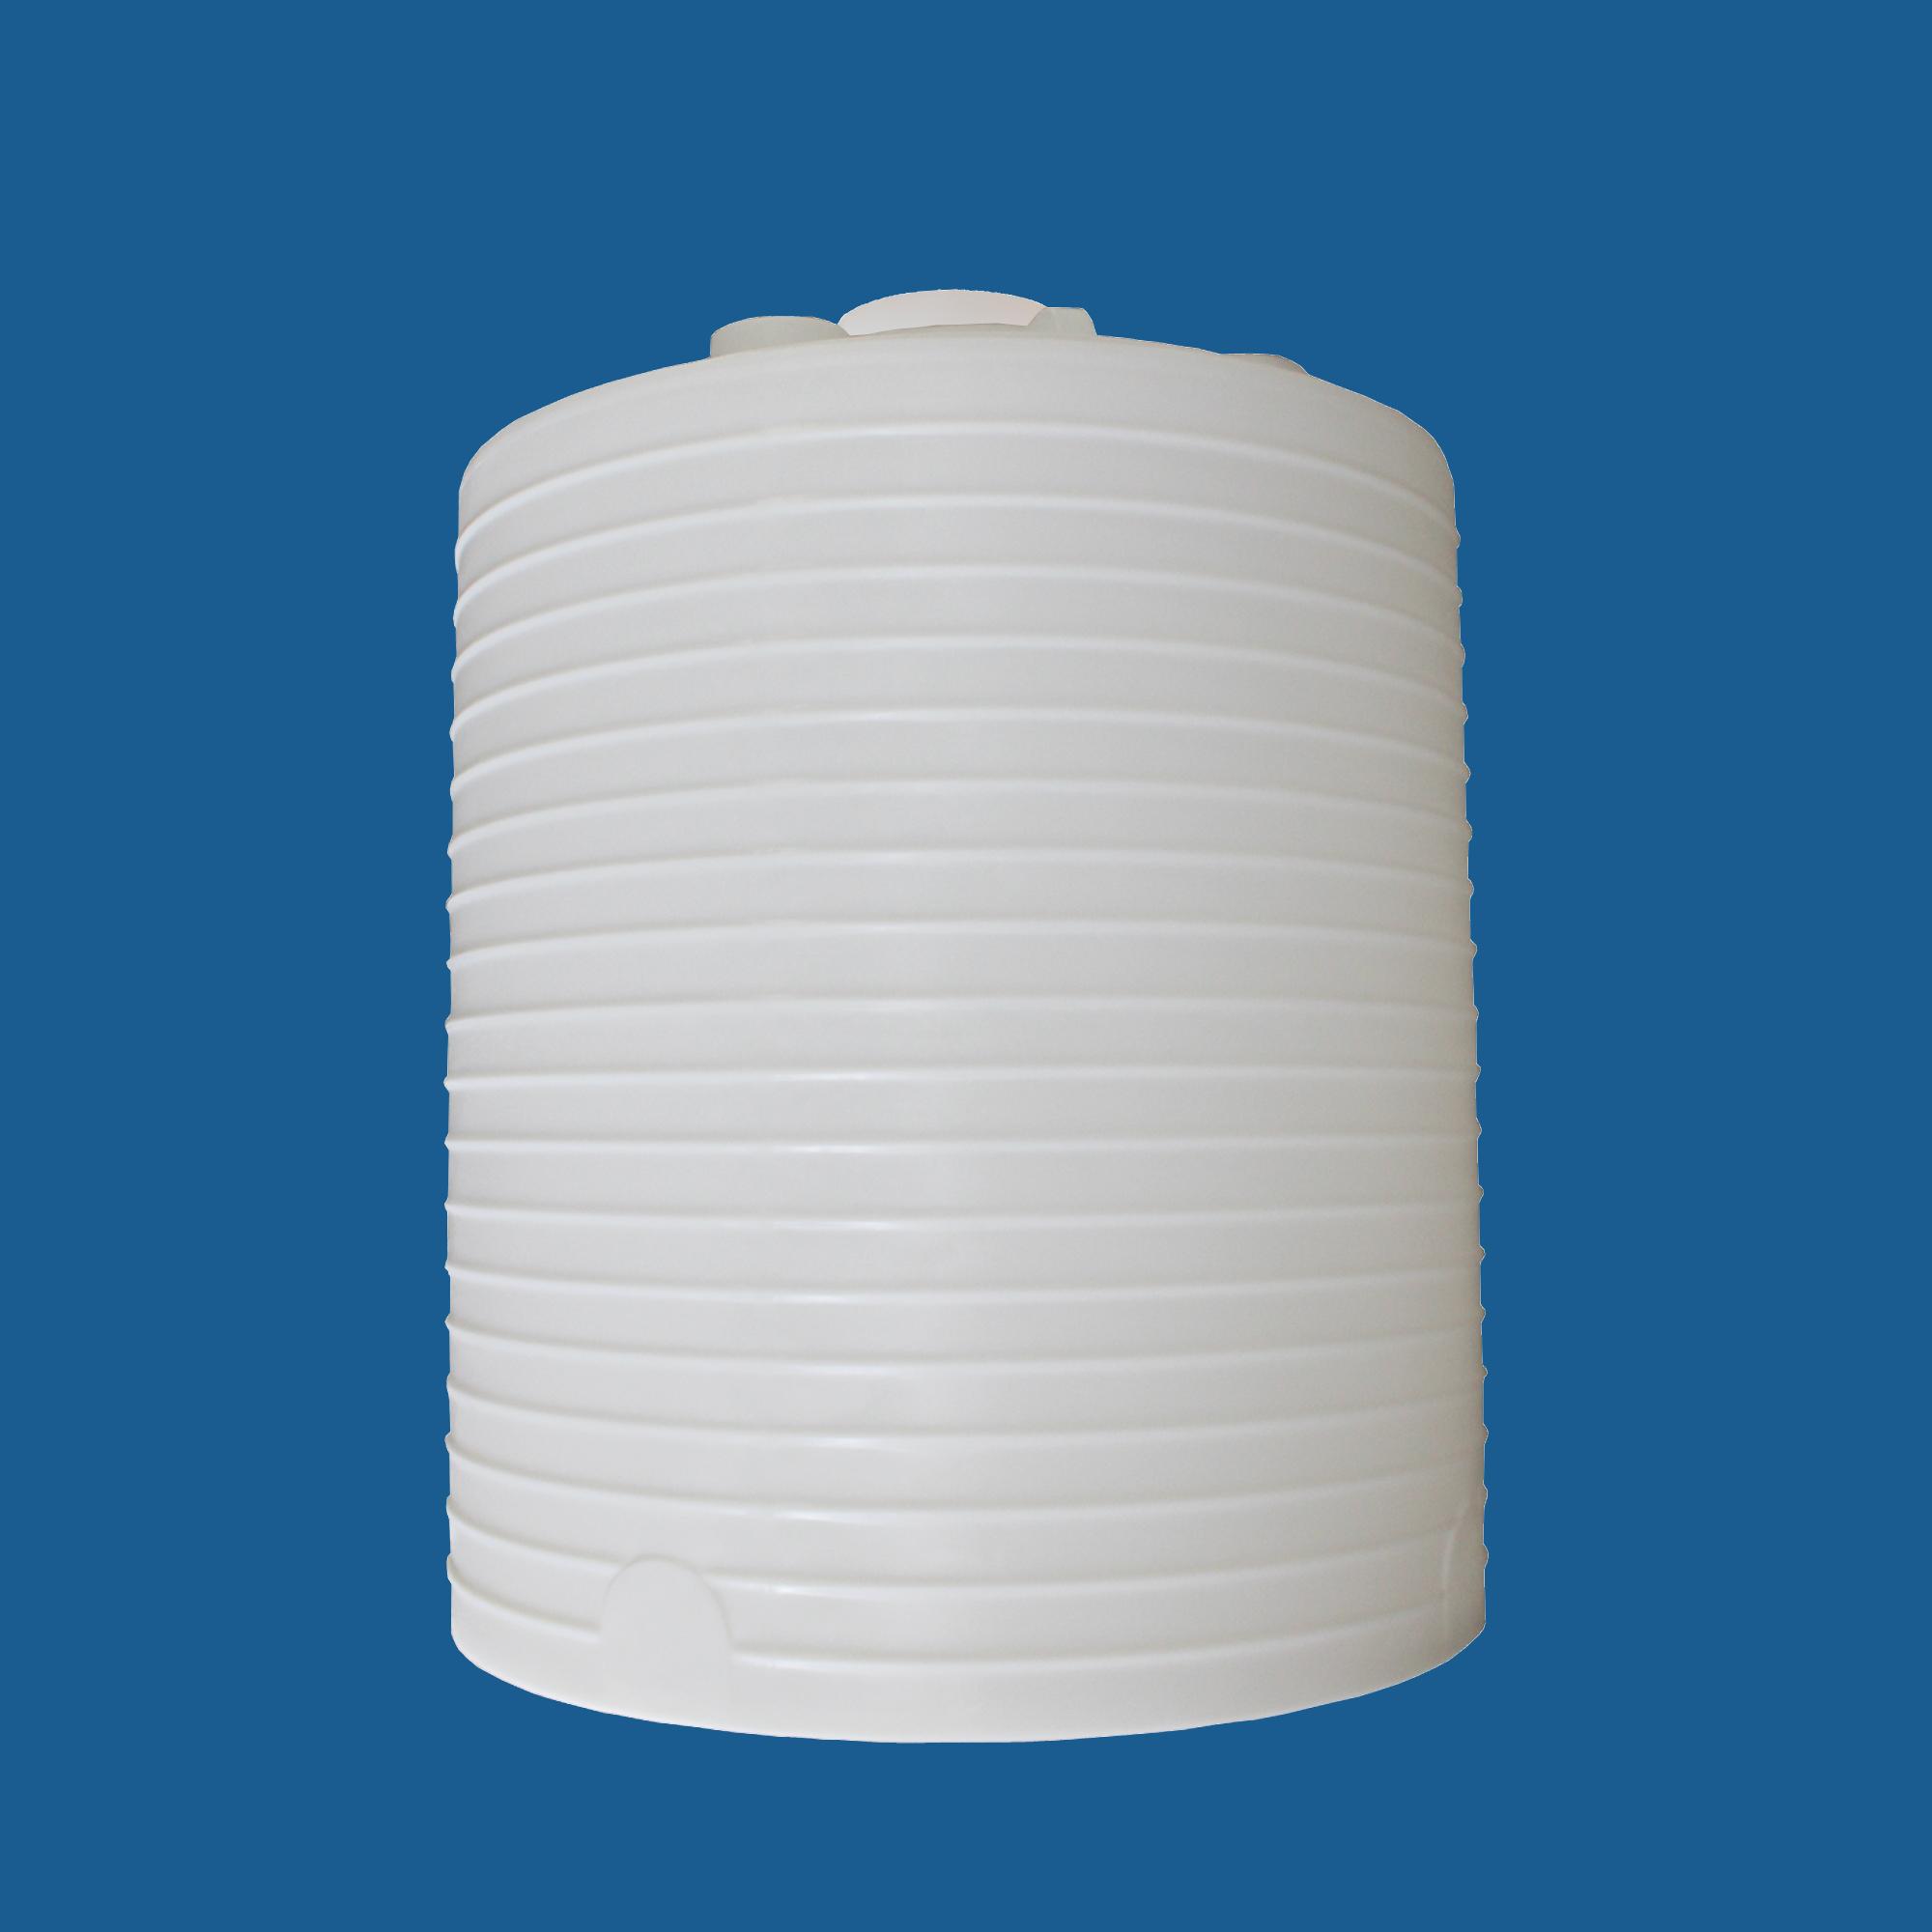 10吨塑料储罐厂家直销,重庆江津工厂批发